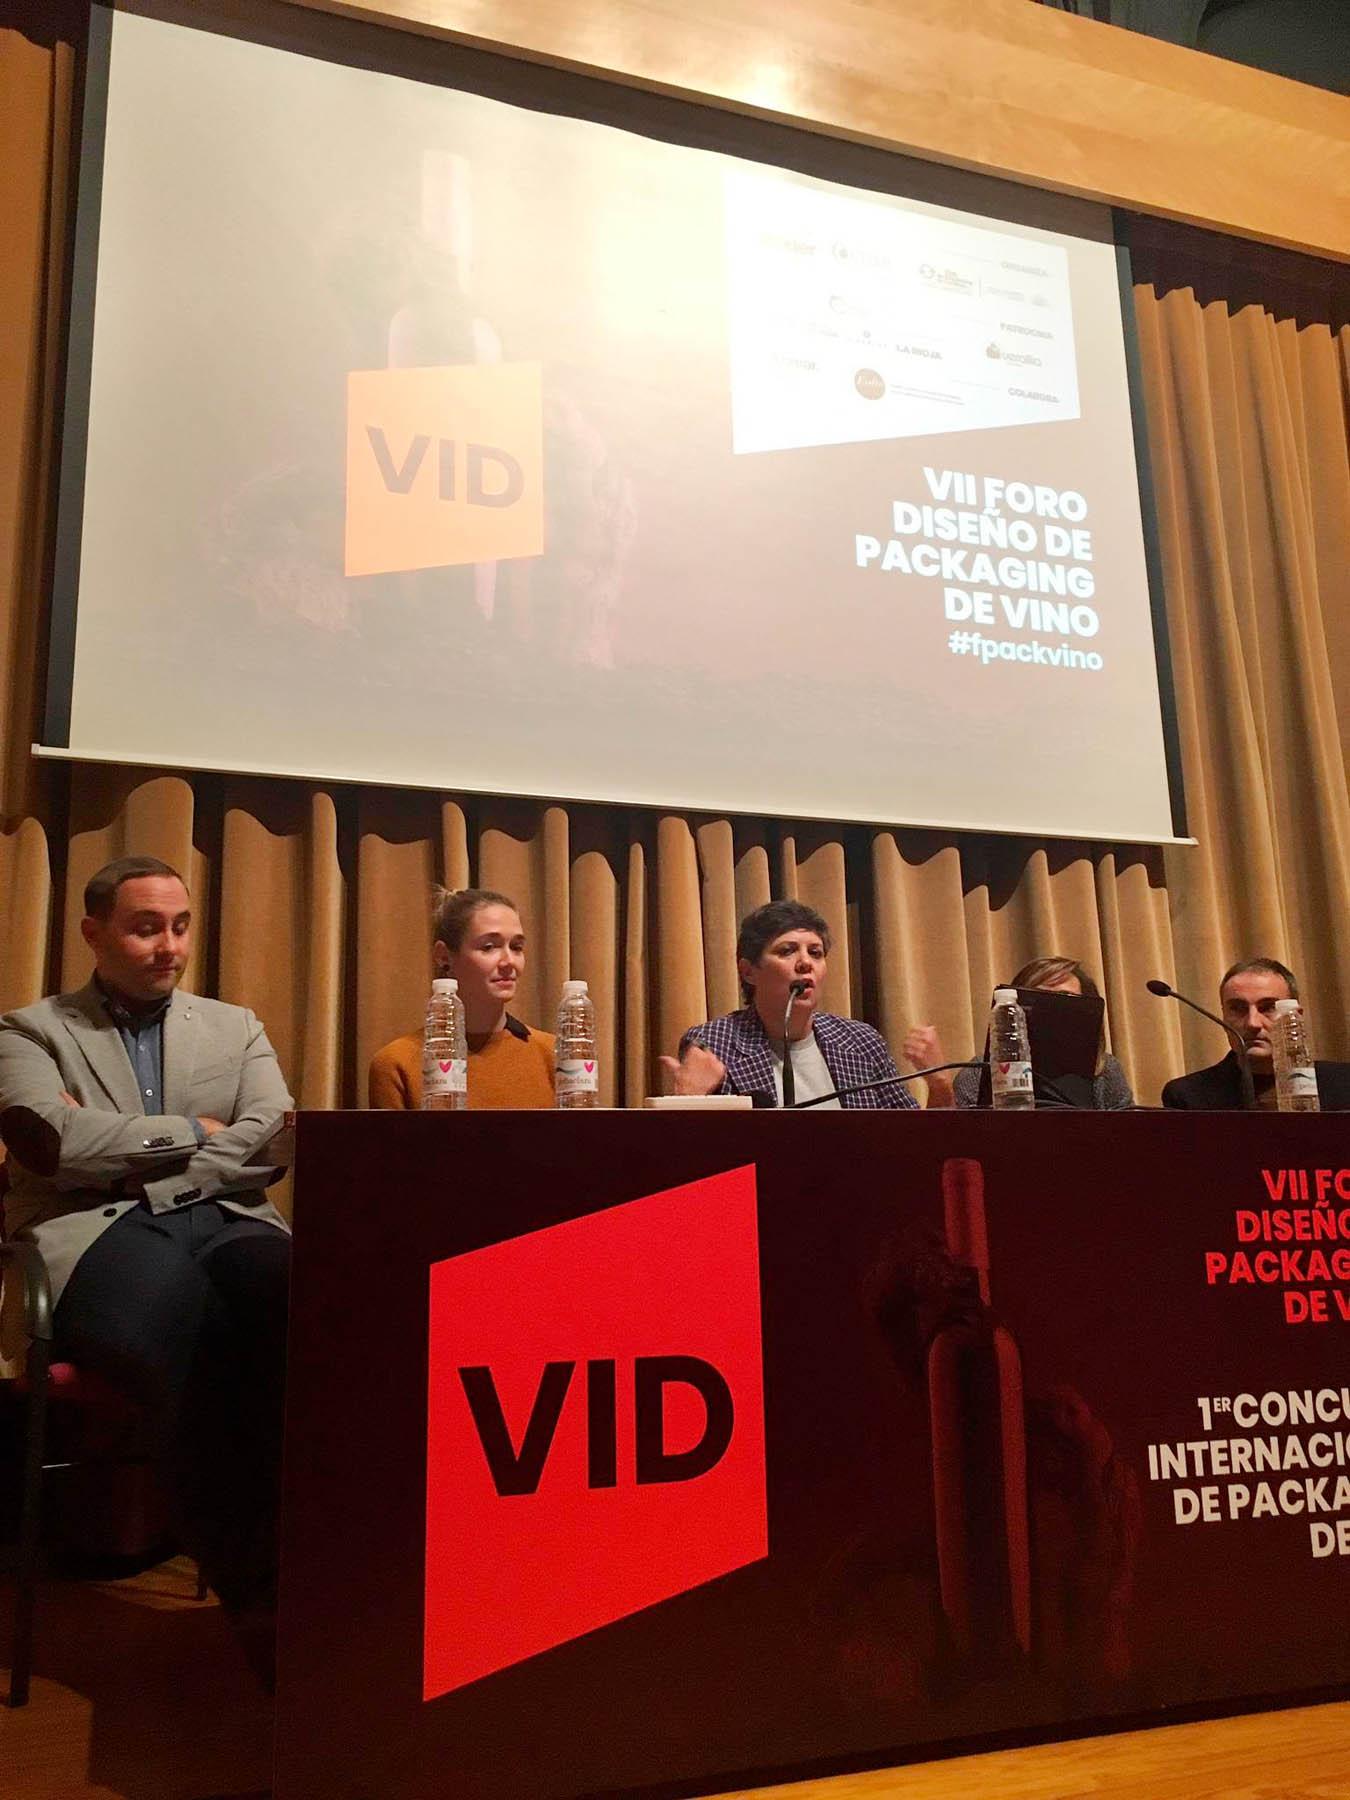 La Esdir participa en el VII Foro Diseño de Packaging del Vino